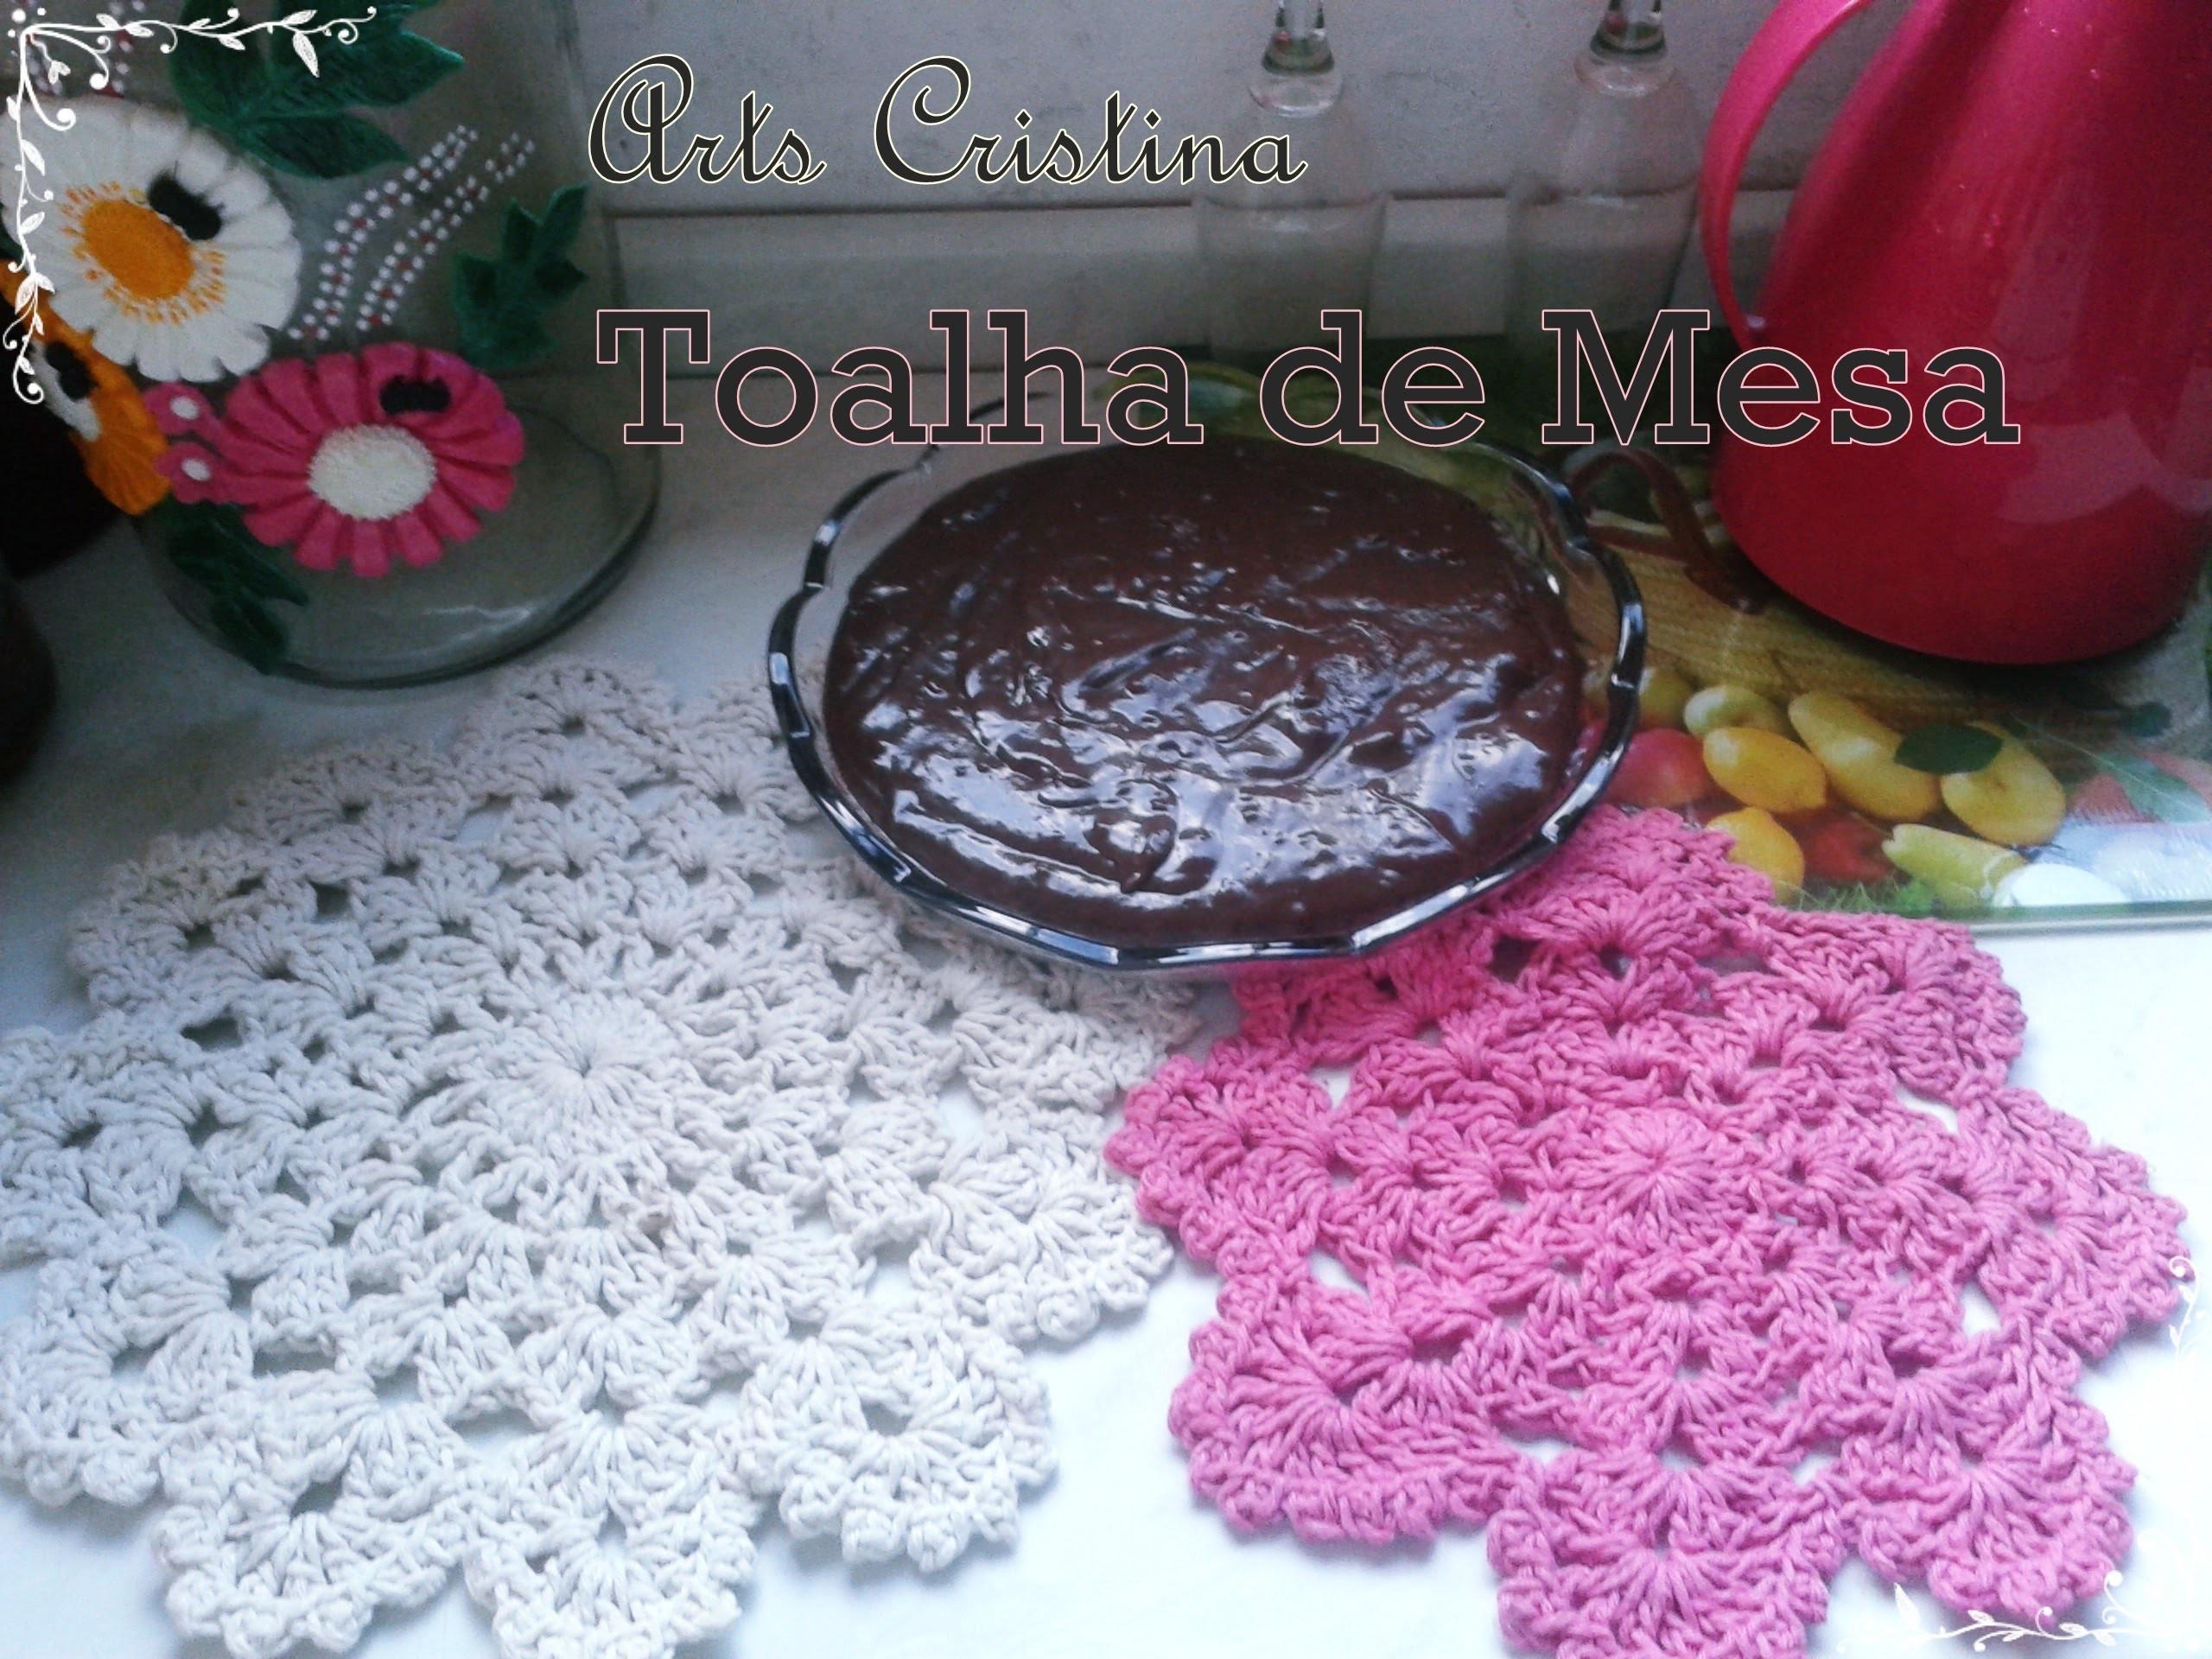 TOALHA DE MESA CROCHE 004 | ARTS CRISTINA